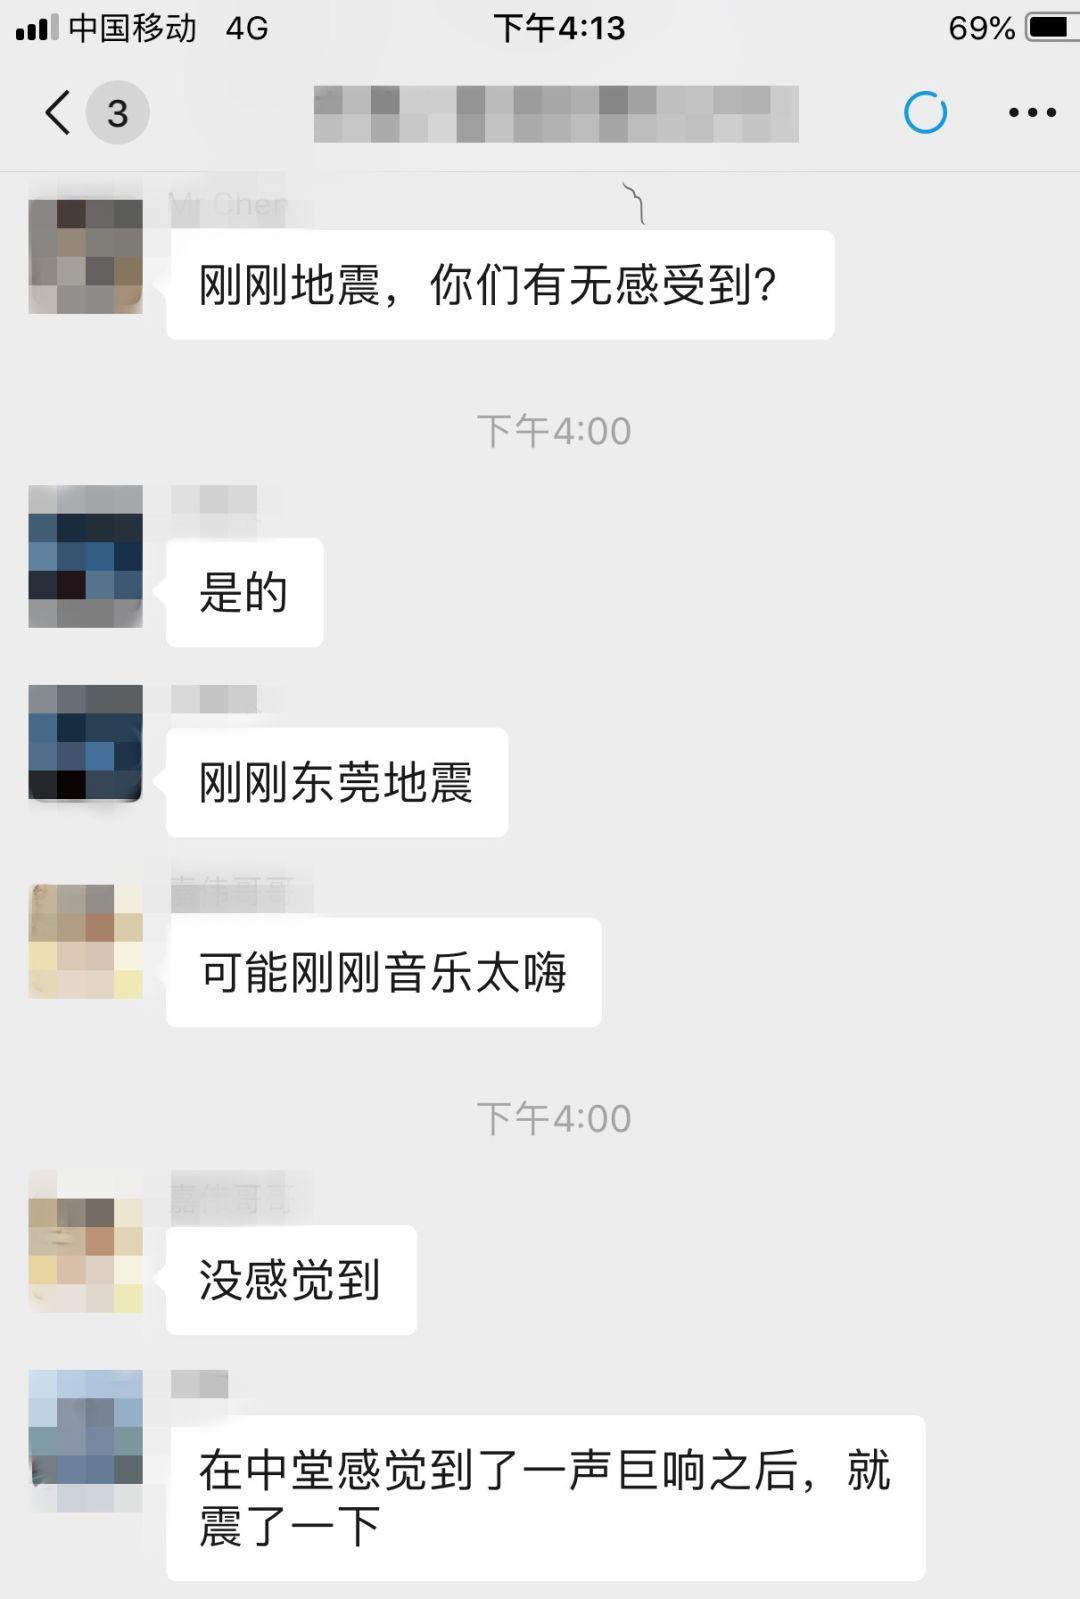 突发!刚刚广东发生地震,东莞多镇街有震感!插图4